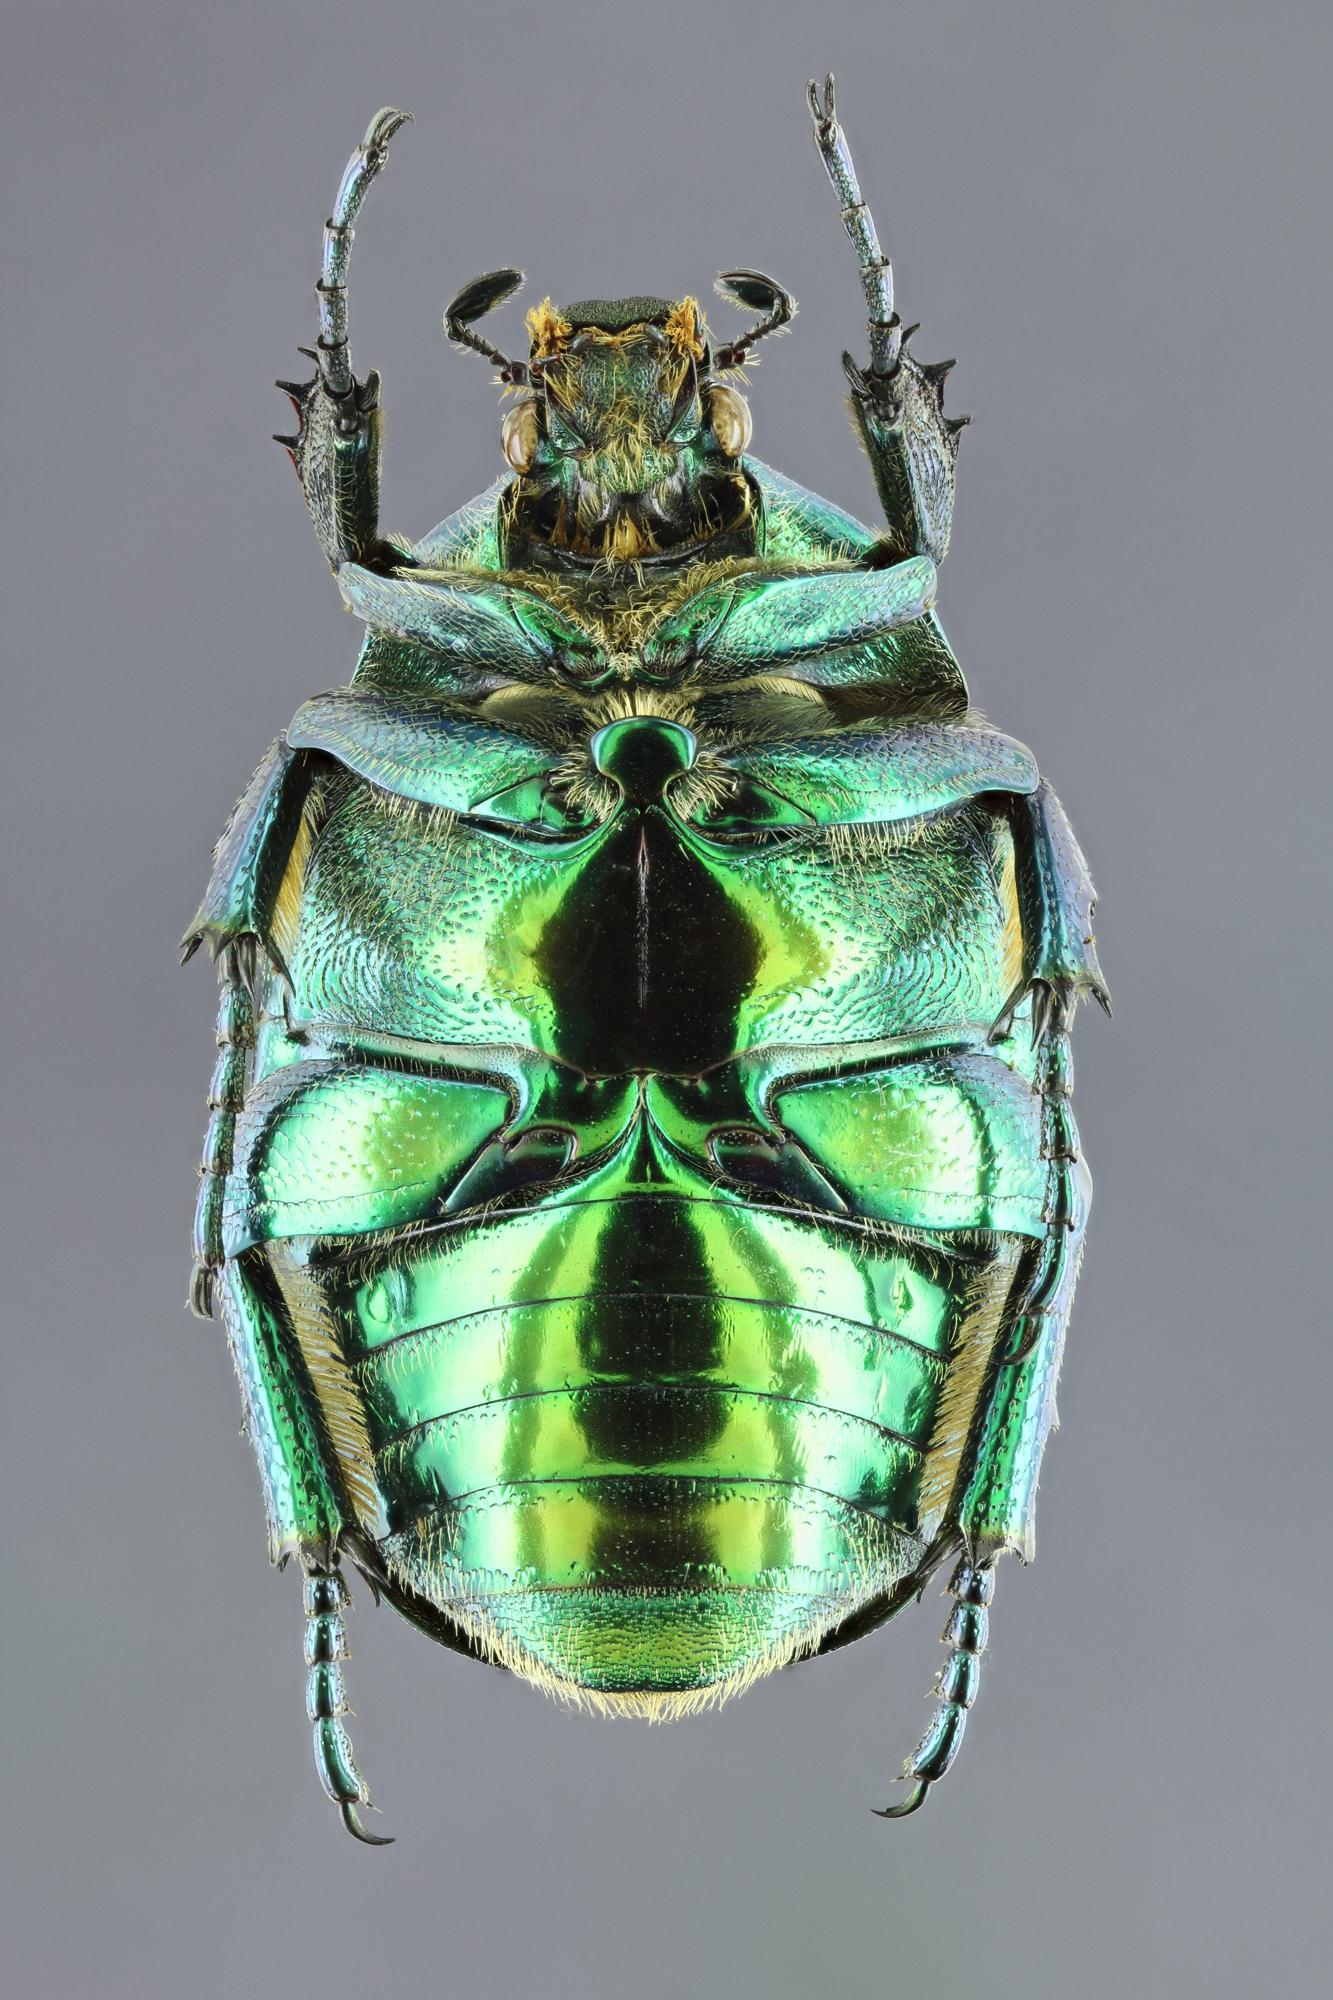 Cetonischema aeruginosa 27838zs47.jpg